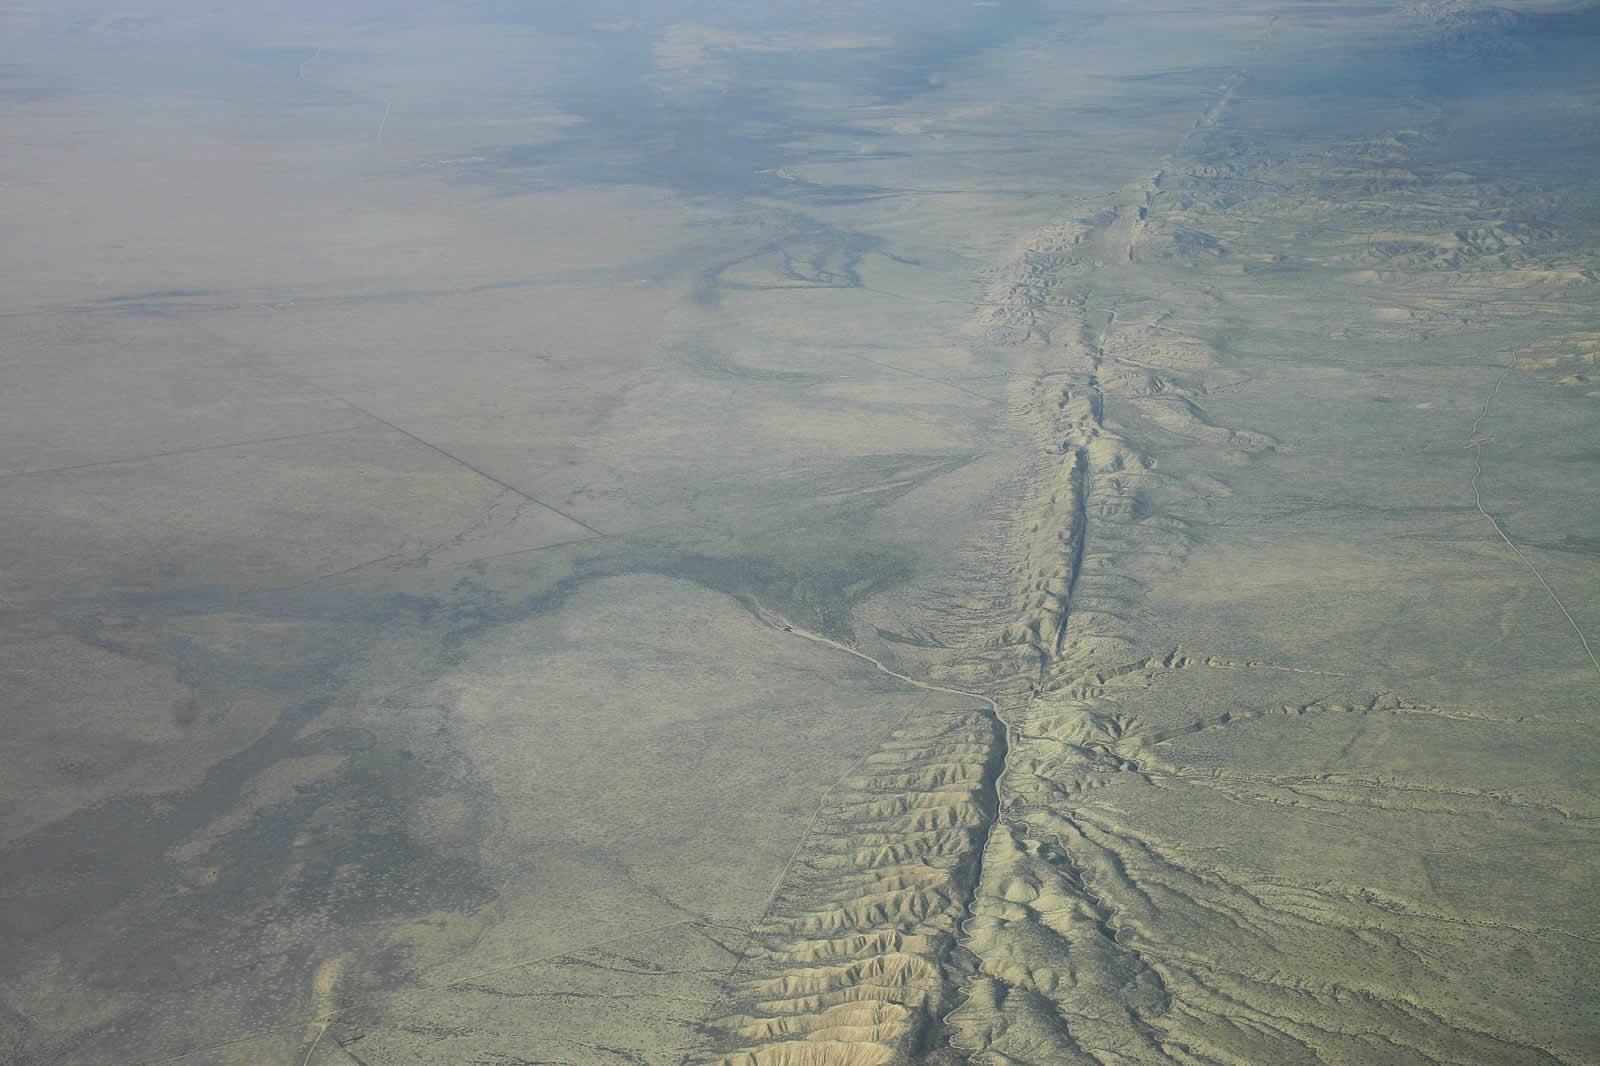 Au cœur de la faille de San Andreas